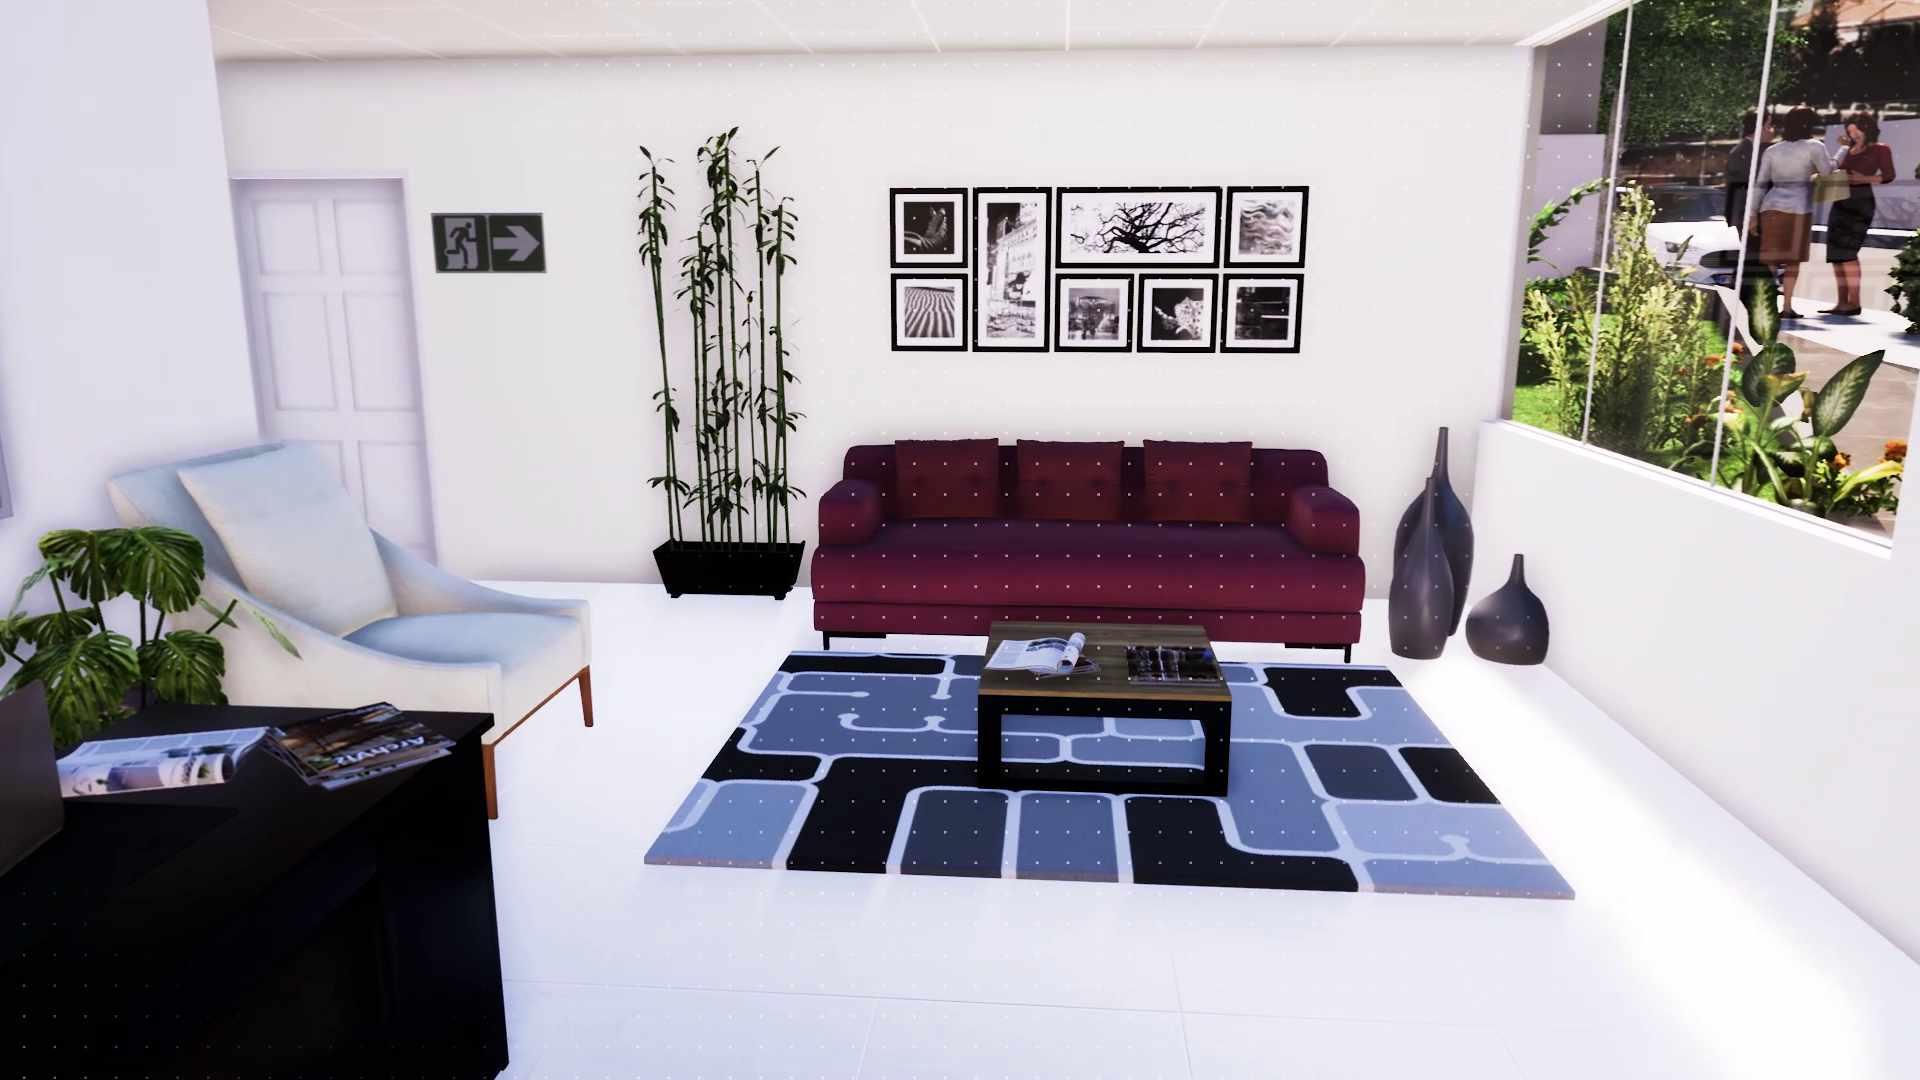 Oficina en Venta Av. Costanera, entre calles 25 y 26 Foto 12